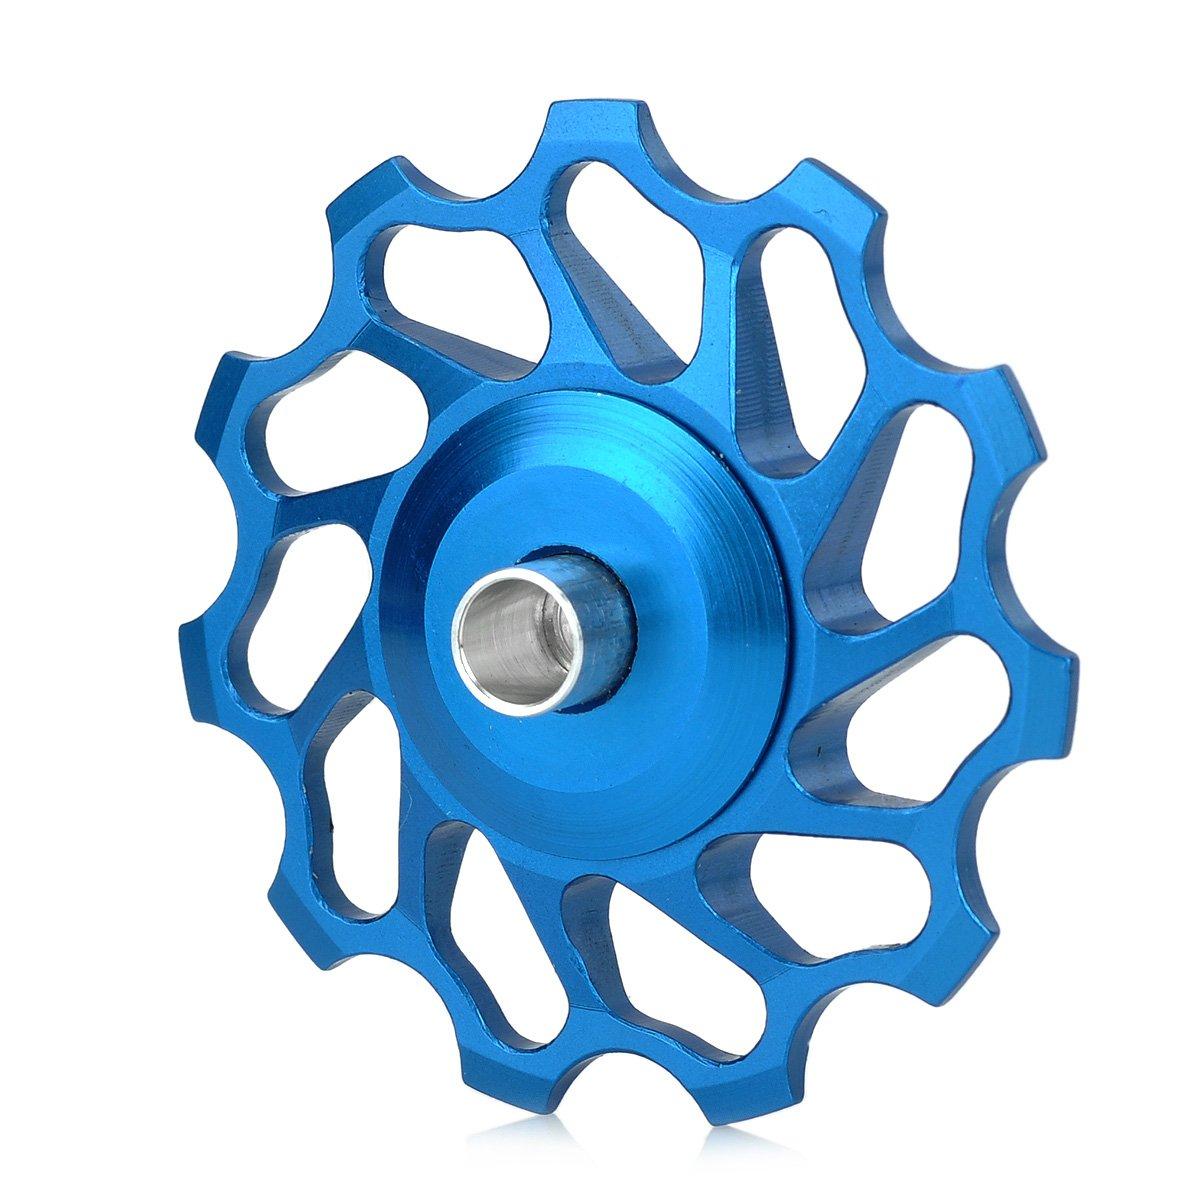 olSusバイク自転車11tアルミニウム合金ホイールRear Derailleur Pulley – ブルー B07DCQXRWR